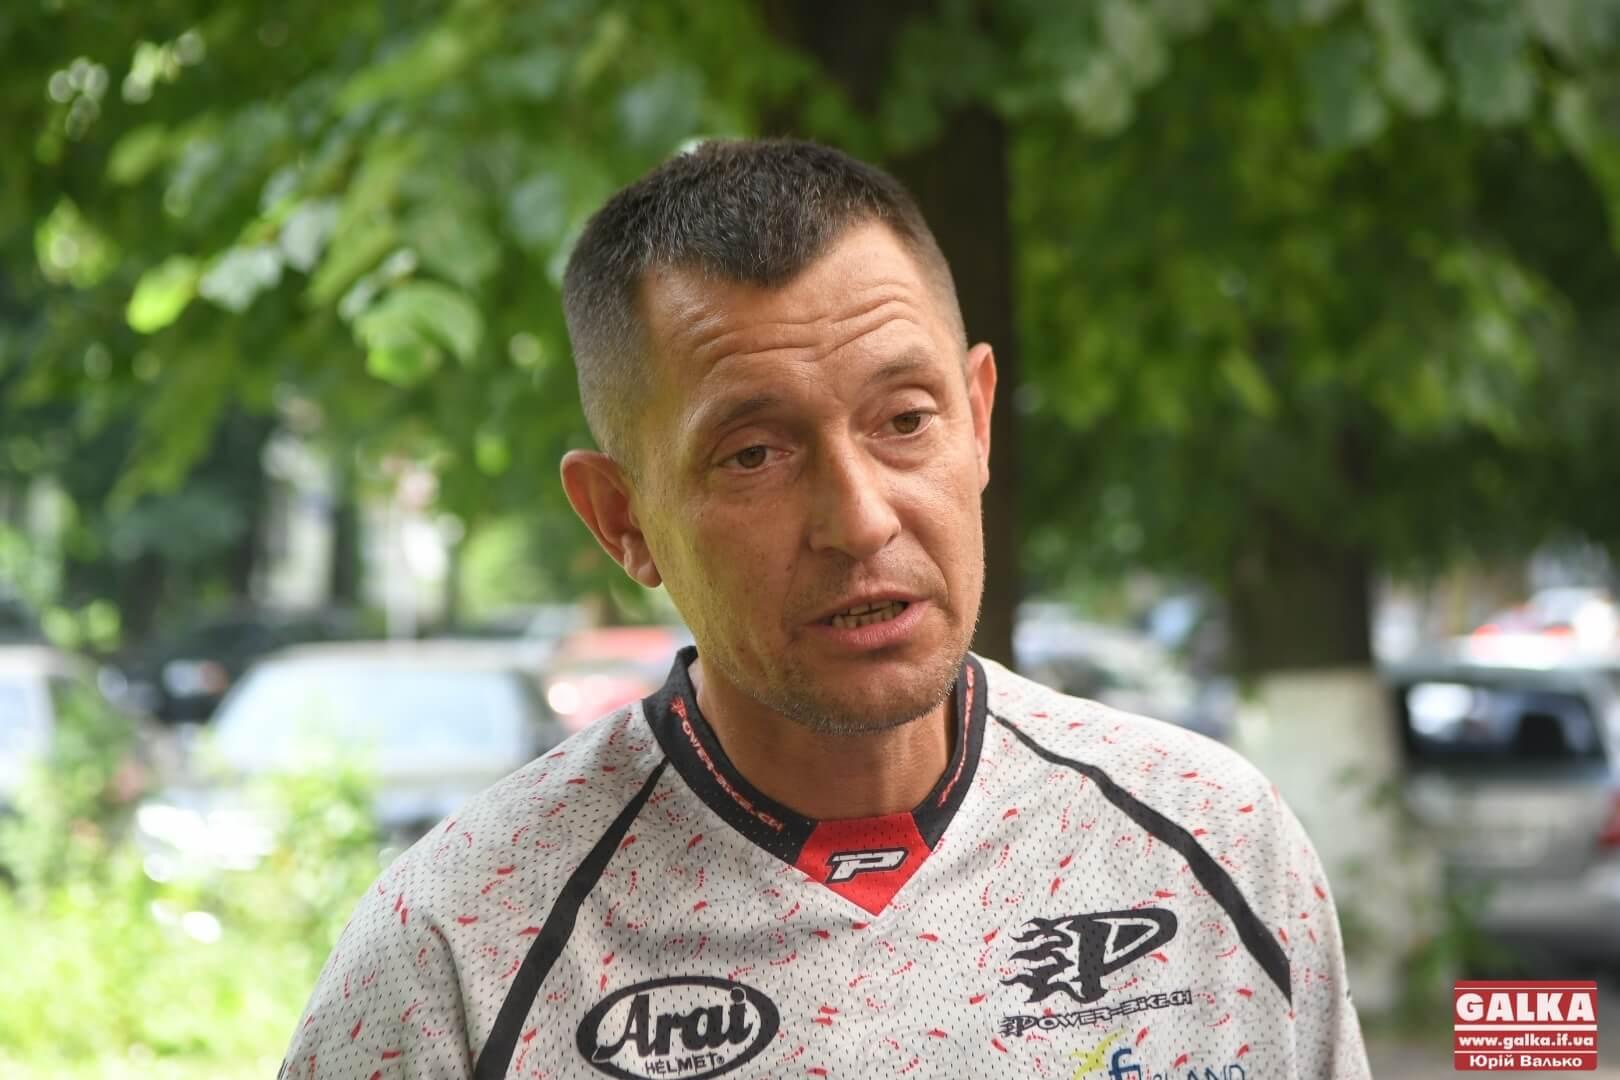 «Зам'яти» справу намагалися вже за 15 хвилин після ДТП: знайомий загиблої в Яремче мотоциклістки (ФОТО)